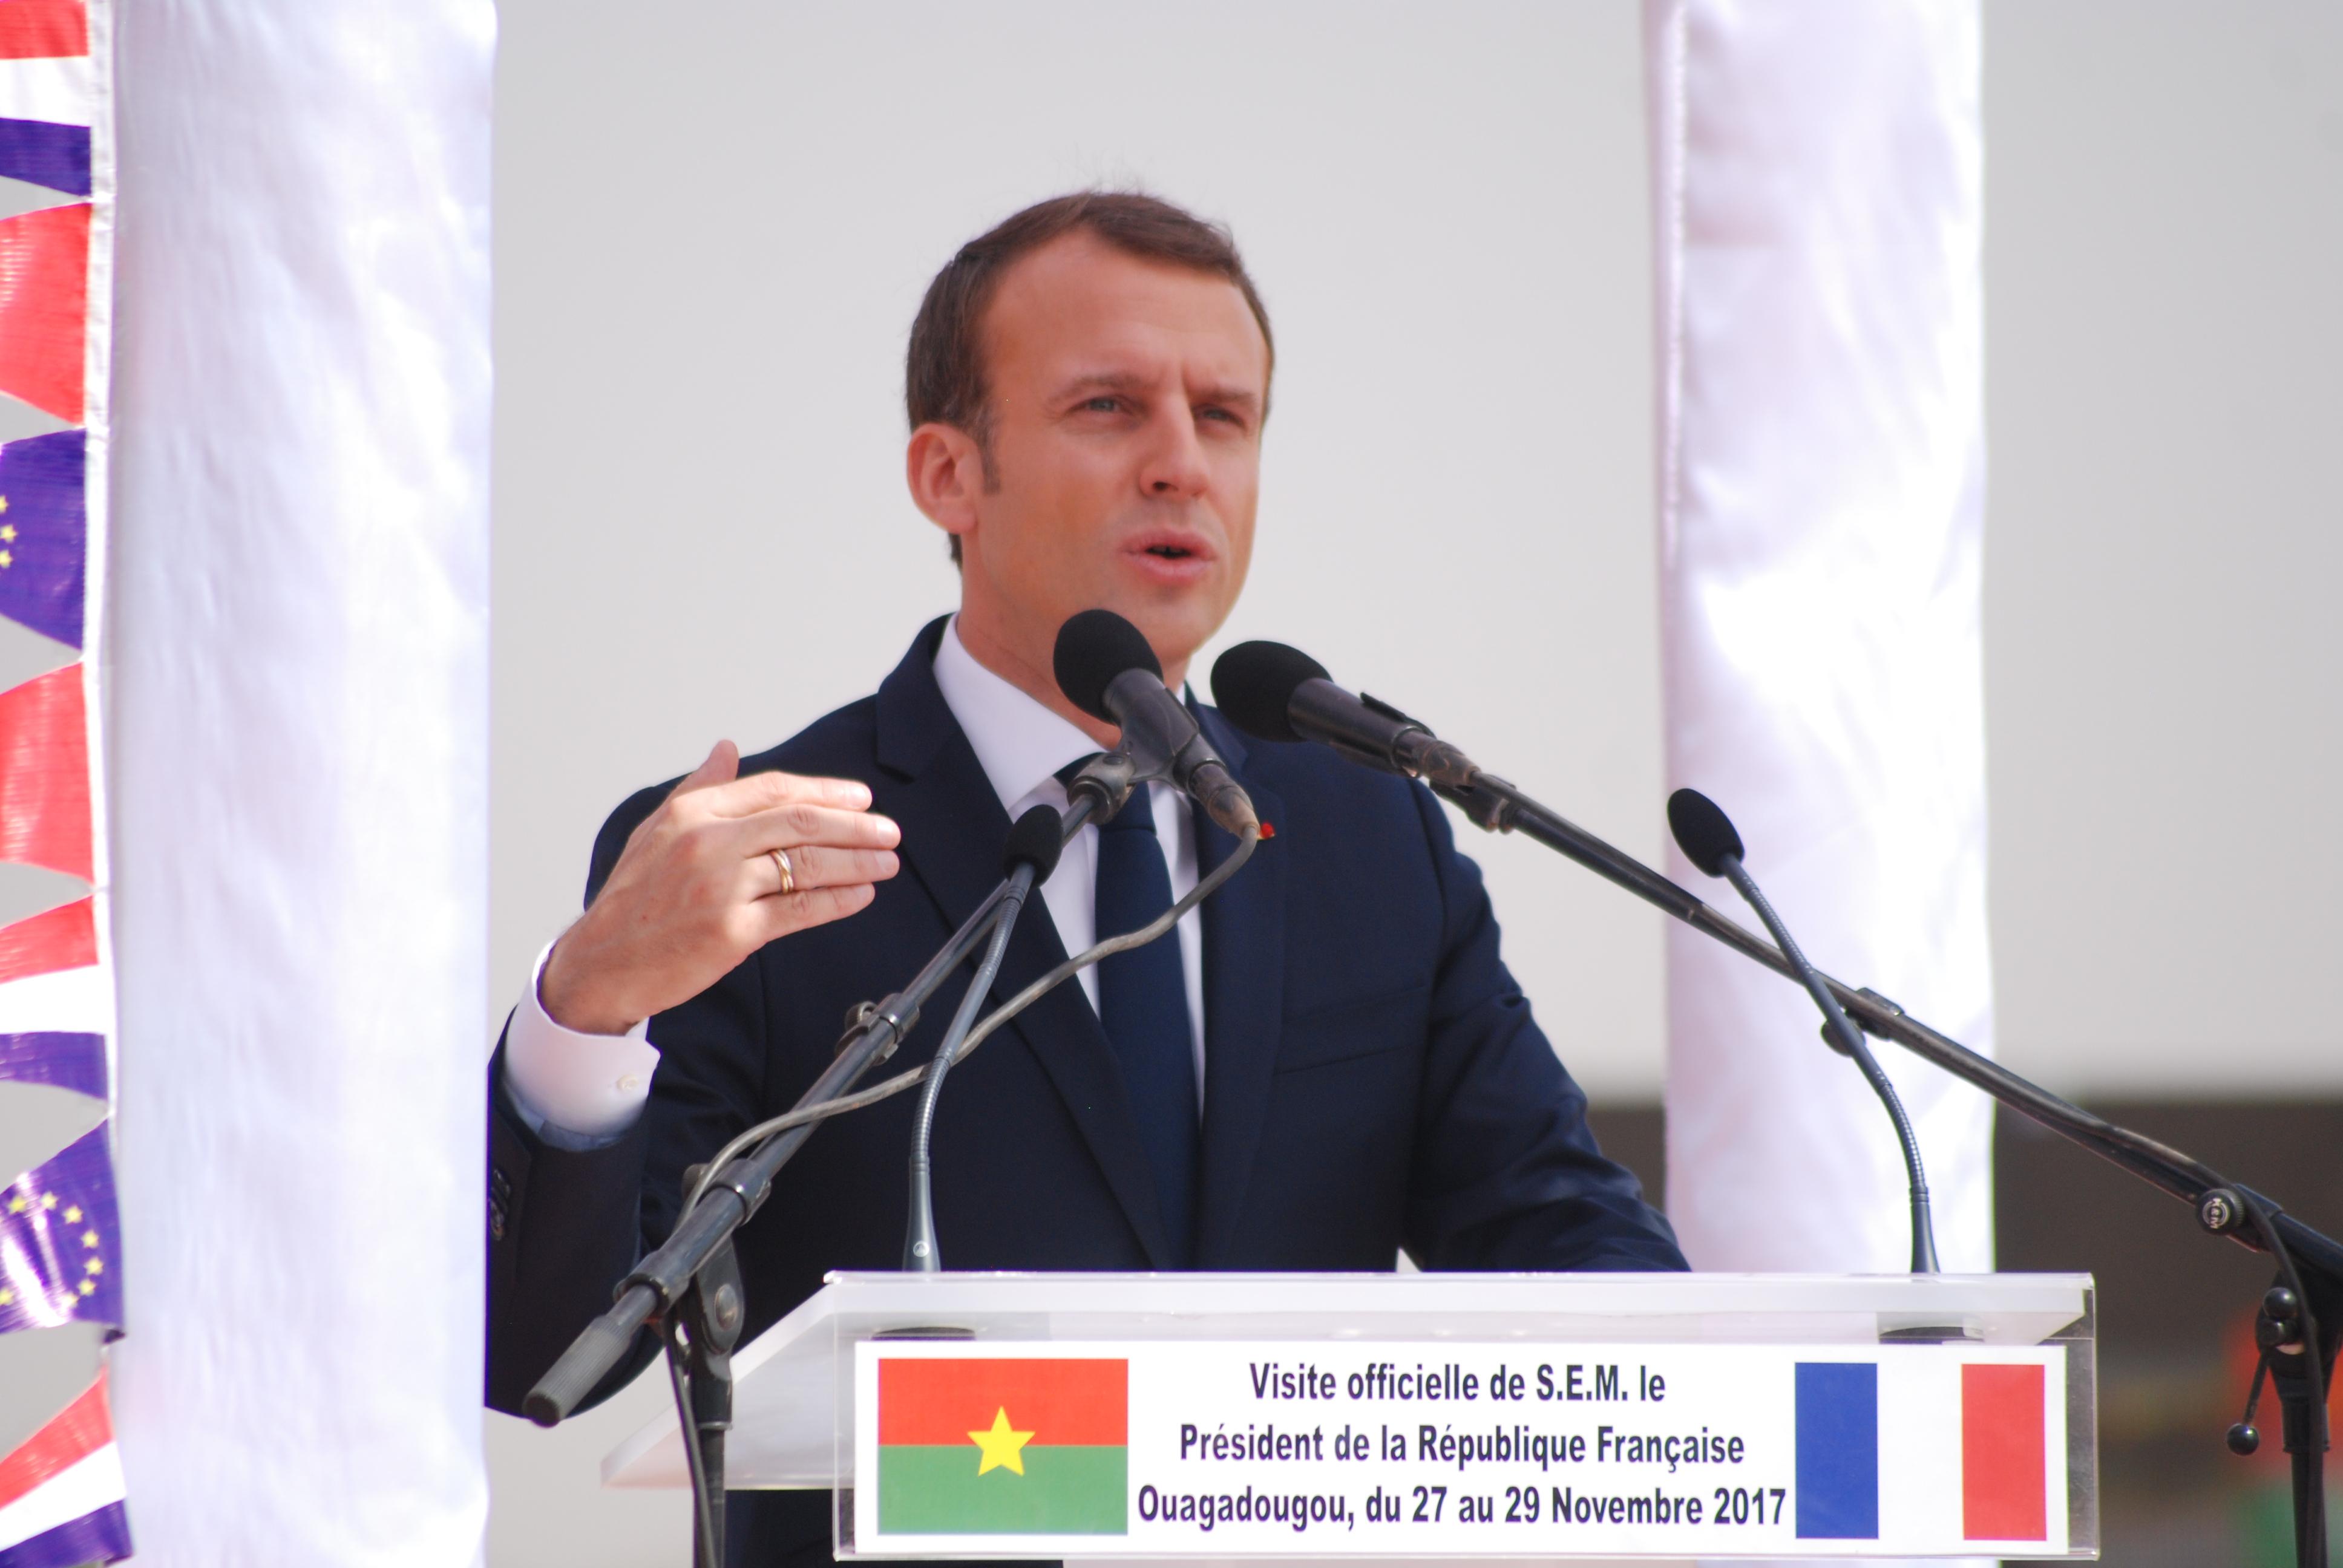 Macron au Burkina: Nicolas Bay du FN dénonce une attitude «assez scandaleuse»